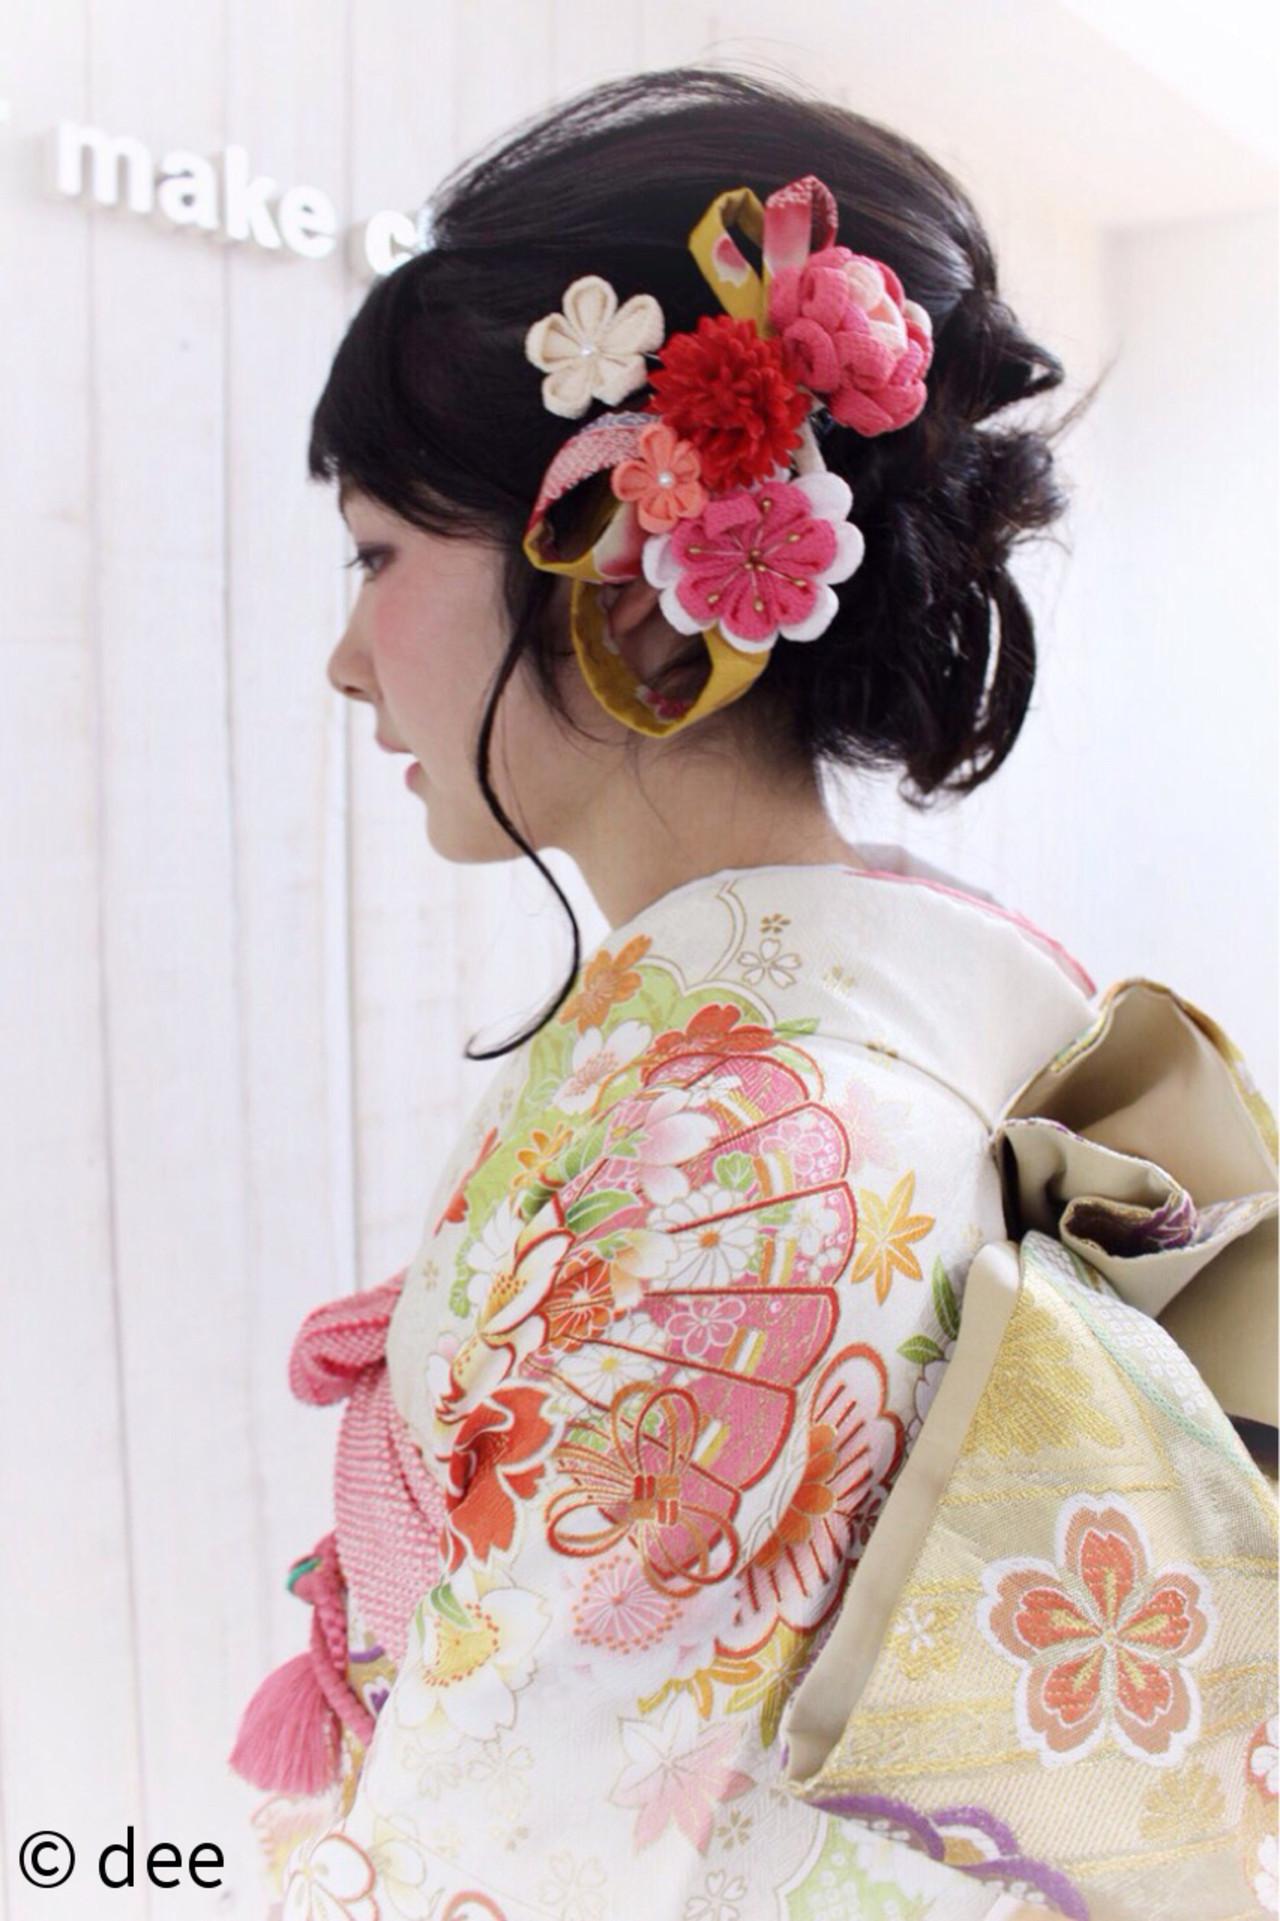 ロング 編み込み ヘアアレンジ 着物 ヘアスタイルや髪型の写真・画像